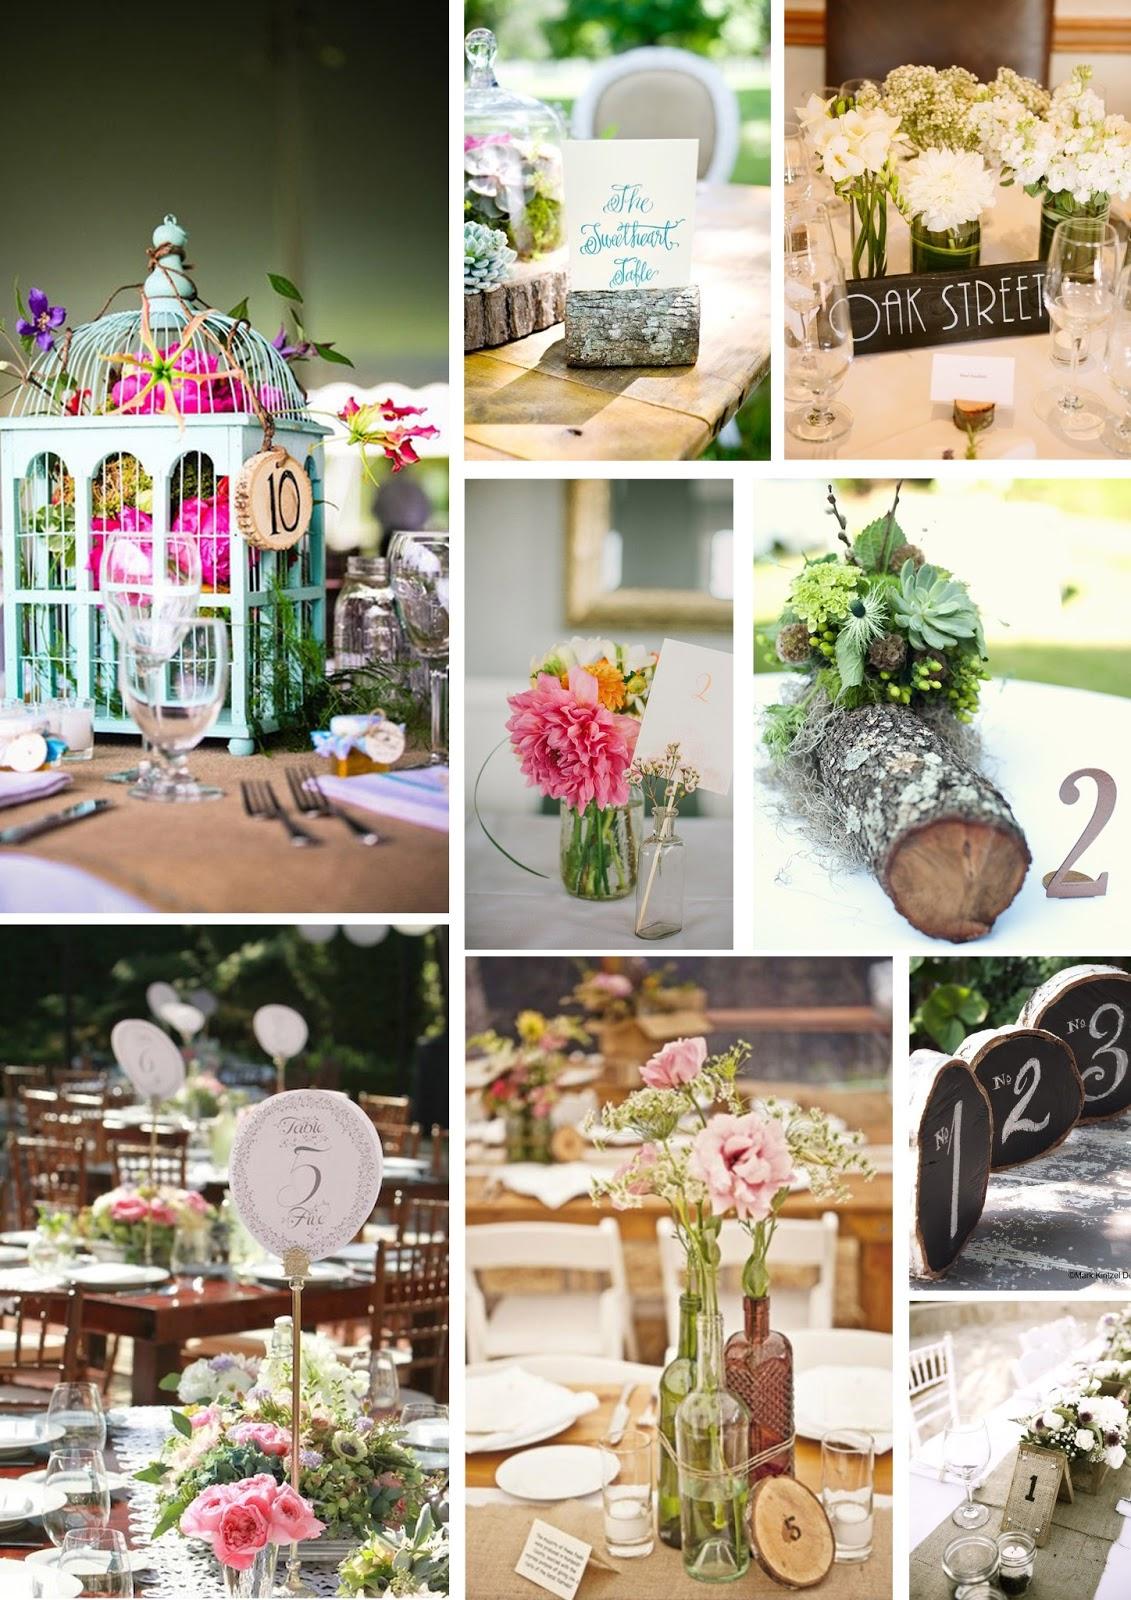 Decoración de mesas de boda . HomePersonalShopper, hps, boda, matrimonio, centros de mesa, flores, mesas, organización